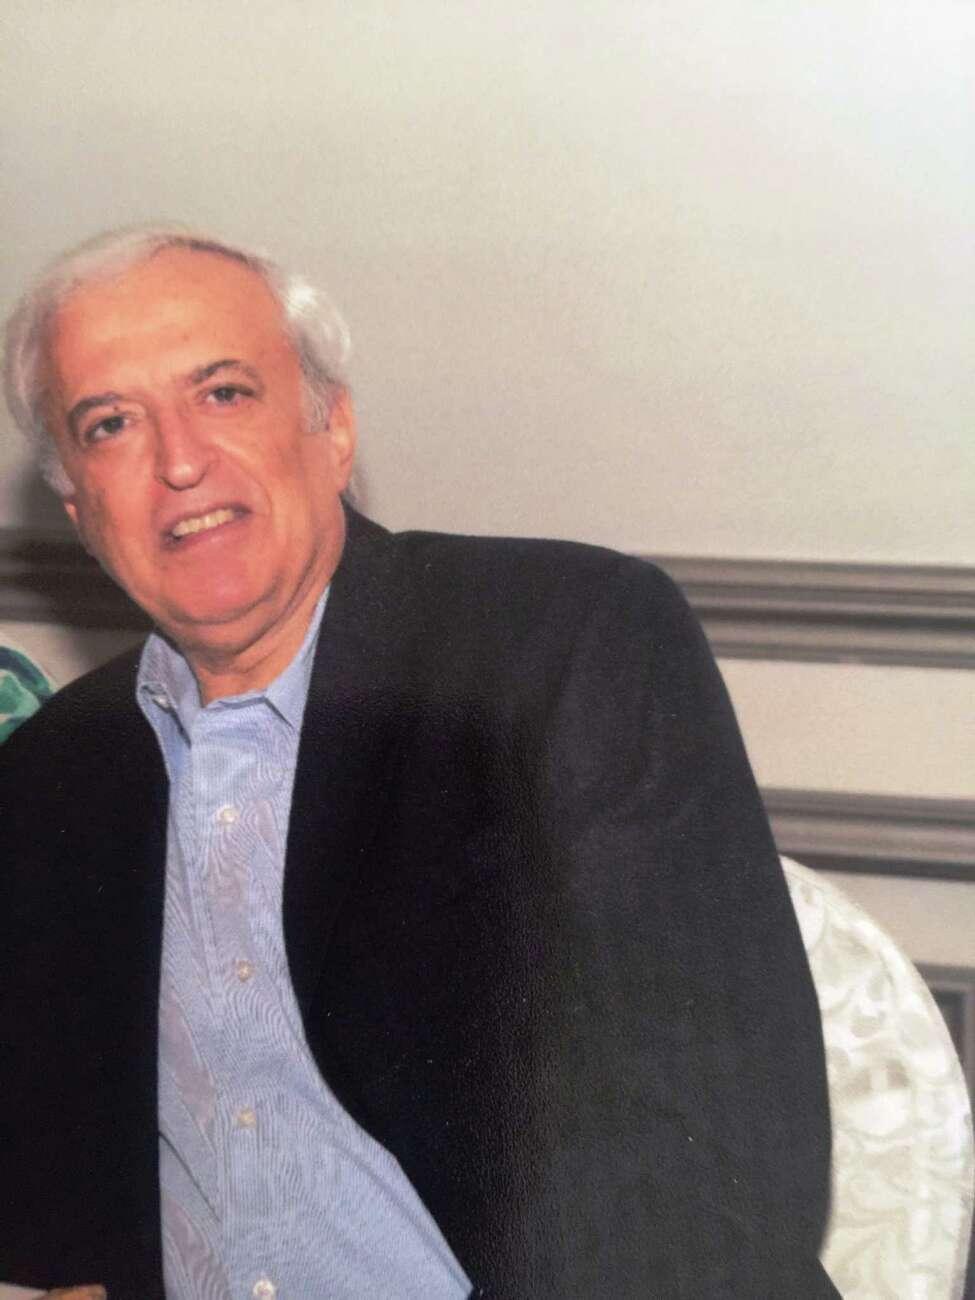 Joe Mazzariello